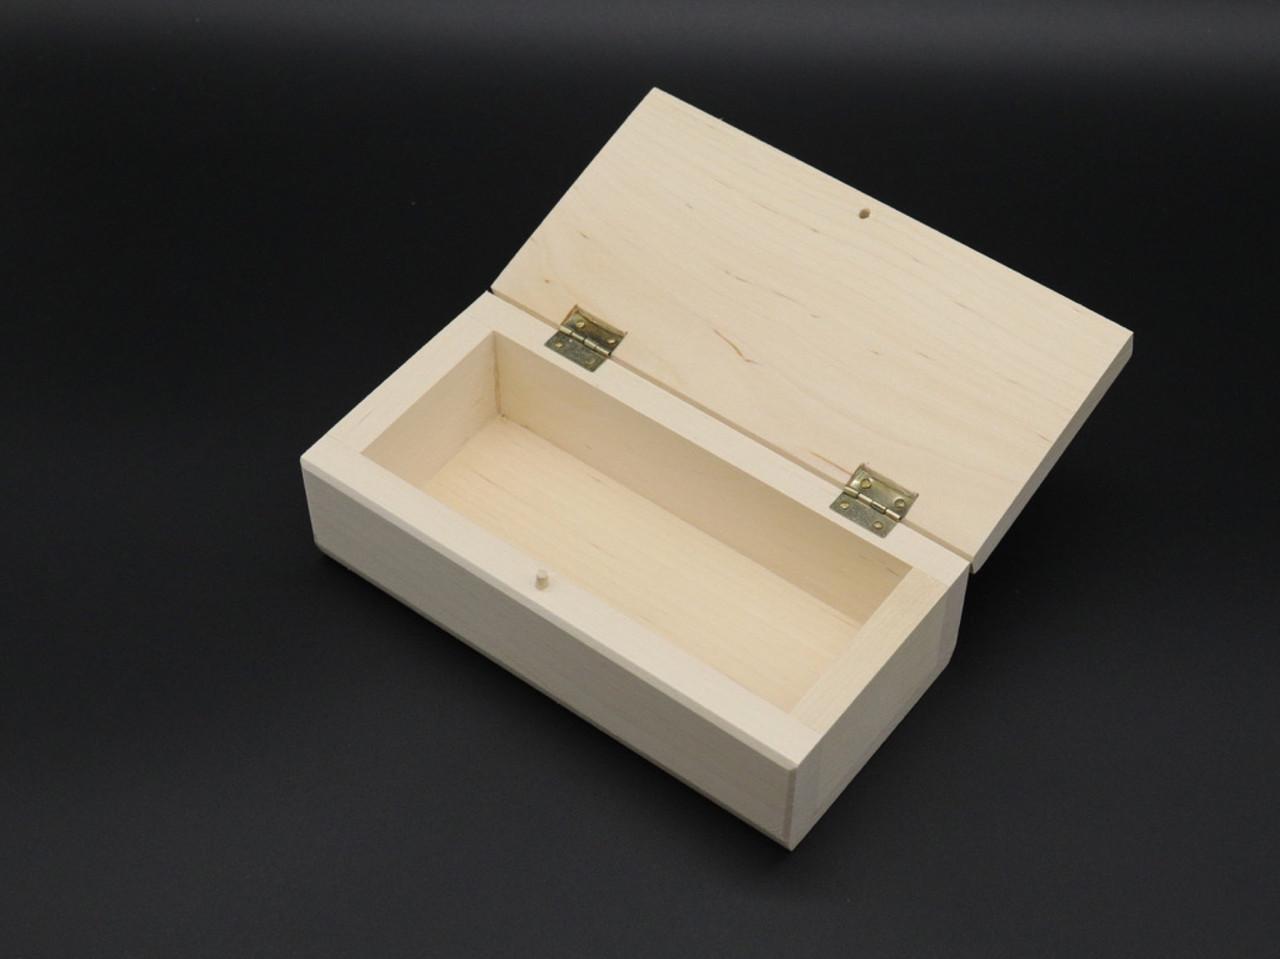 Скринька(заговка) з петлями. 8*16х5.5см. Матеріал береза.